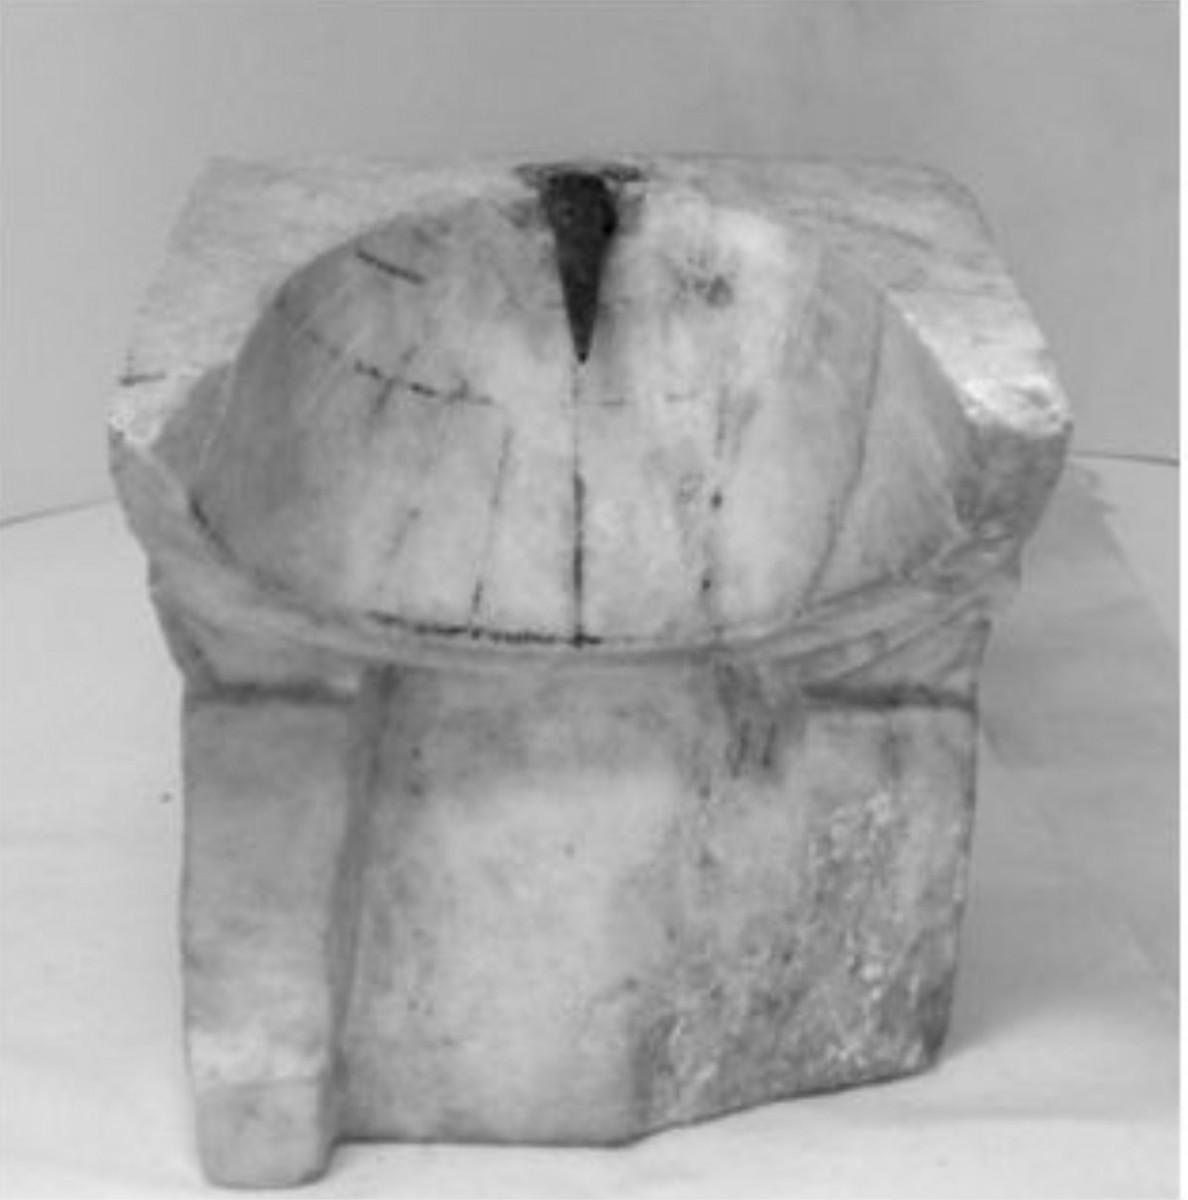 Εικ. 2. Κωνικό ηλιακό ωρολόγιο του Αρχαιολογικού Μουσείου Πειραιά (αριθμός ευρετηρίου ΜΠ 1131). (Πηγή: Πάνου 2016: 246)